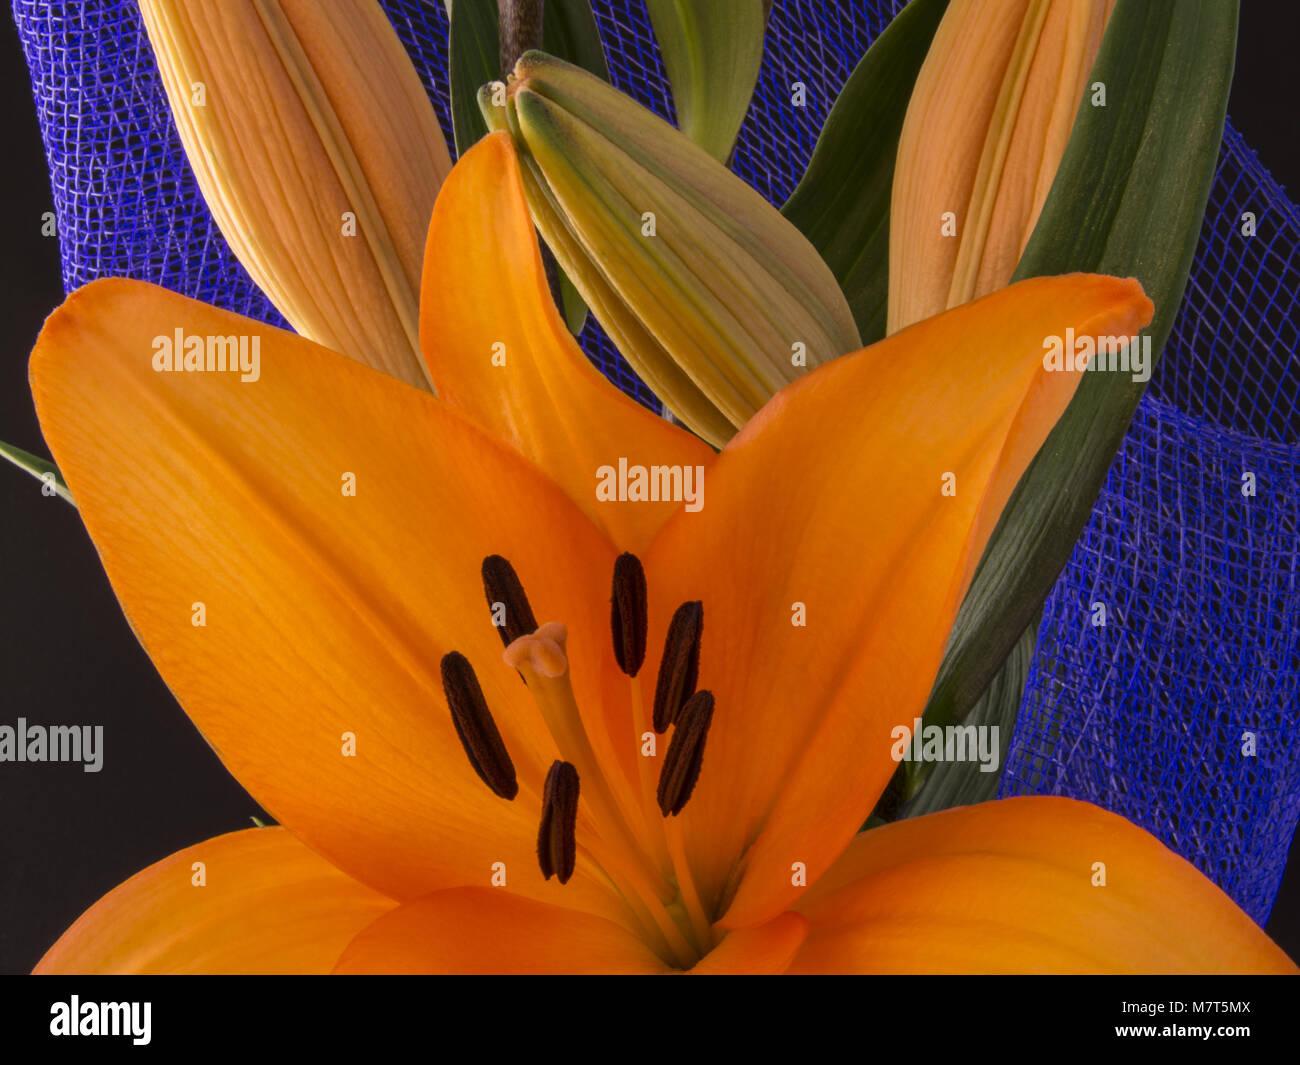 Lilis flower stock photos lilis flower stock images alamy beautiful orange lily flower on black background lilis stock image izmirmasajfo